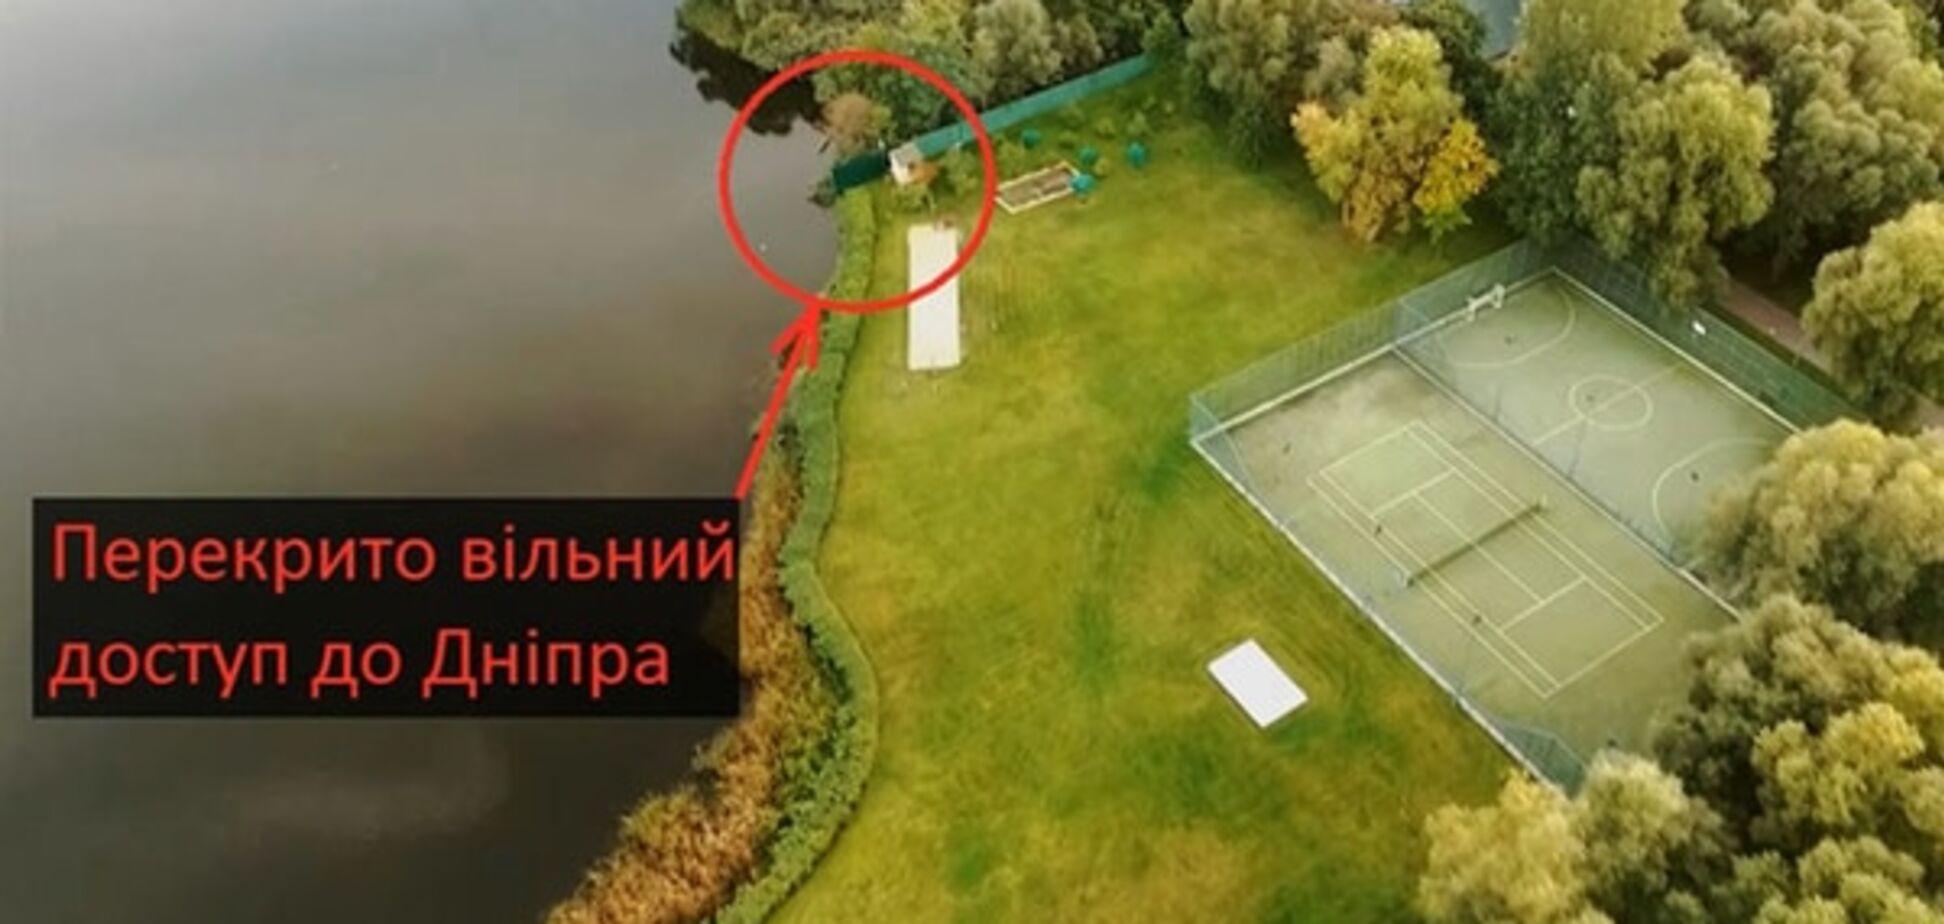 У Києві знайшли шикарний особняк екс-регіонала, 'замаскований' під водну станцію